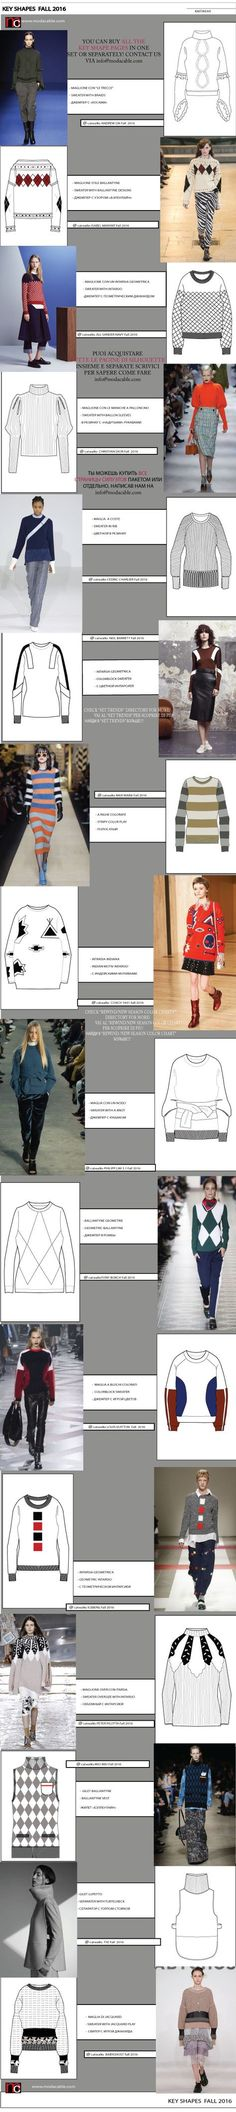 tendenze moda, silhouette più iportanti, colori e molto altro soltanto da www.modacable.com gratis!!